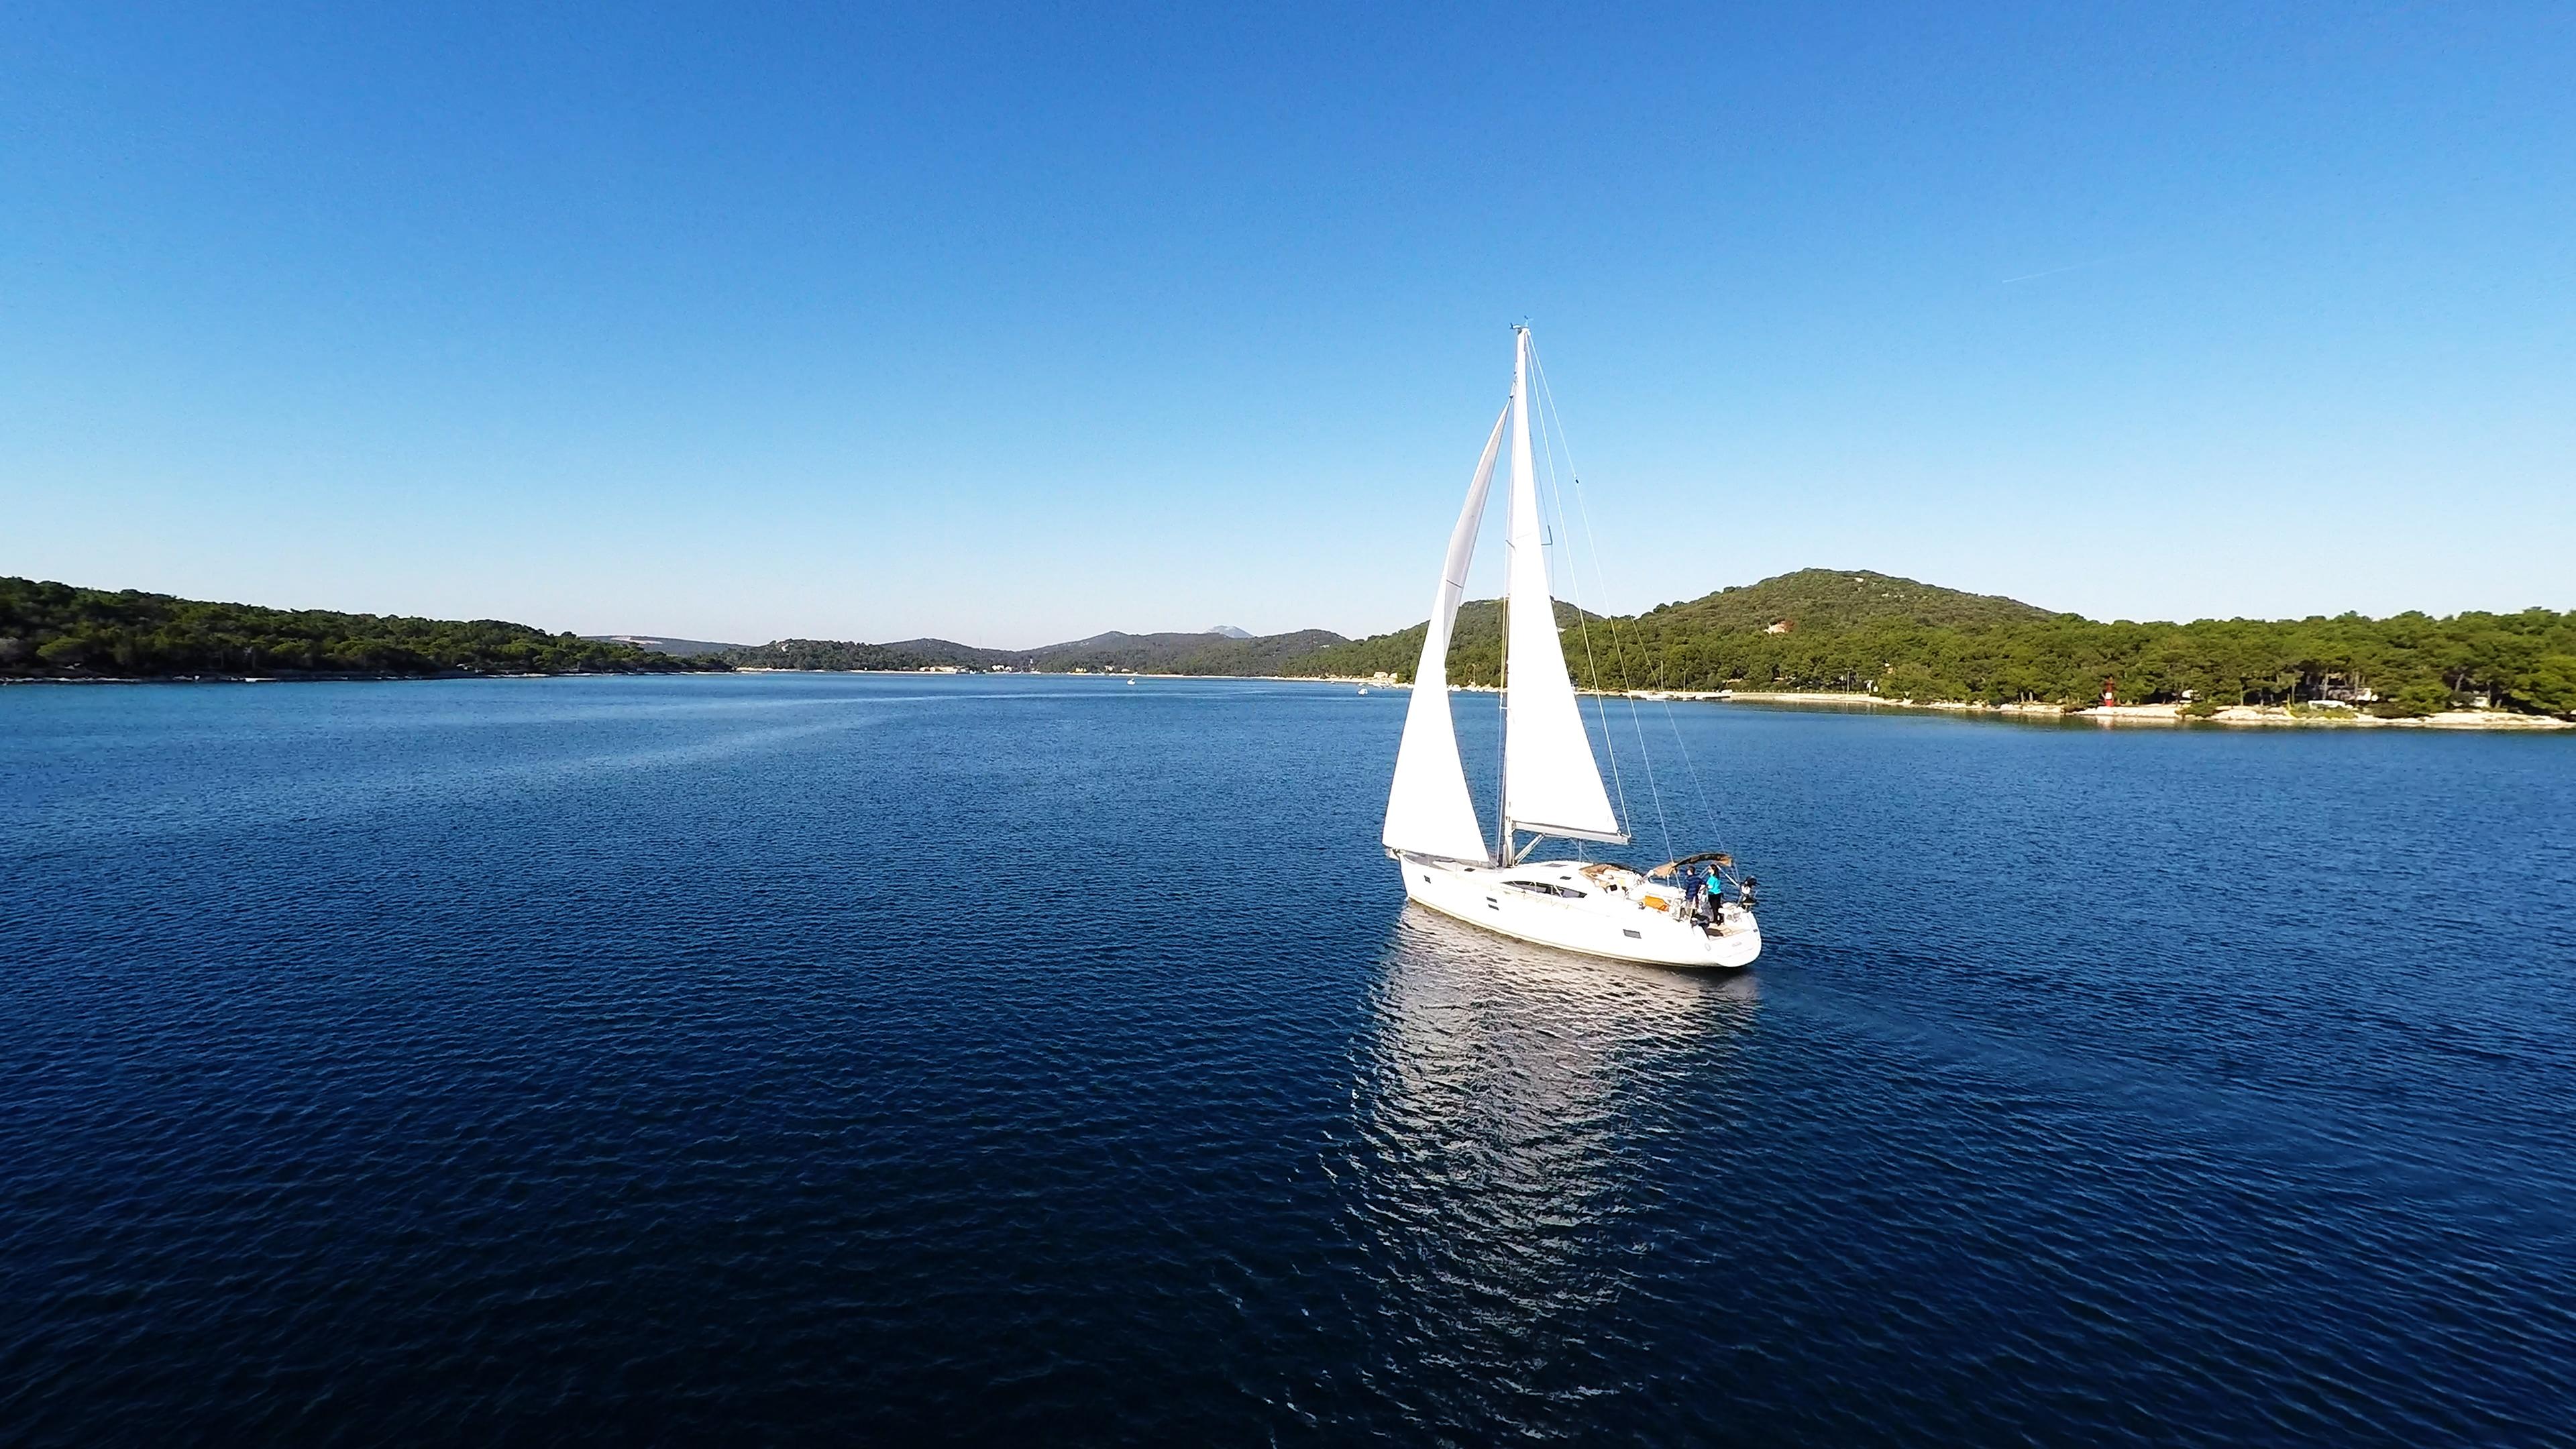 bateau à voile ciel bleu baie de mer bateau à voile voile losinj Croatie